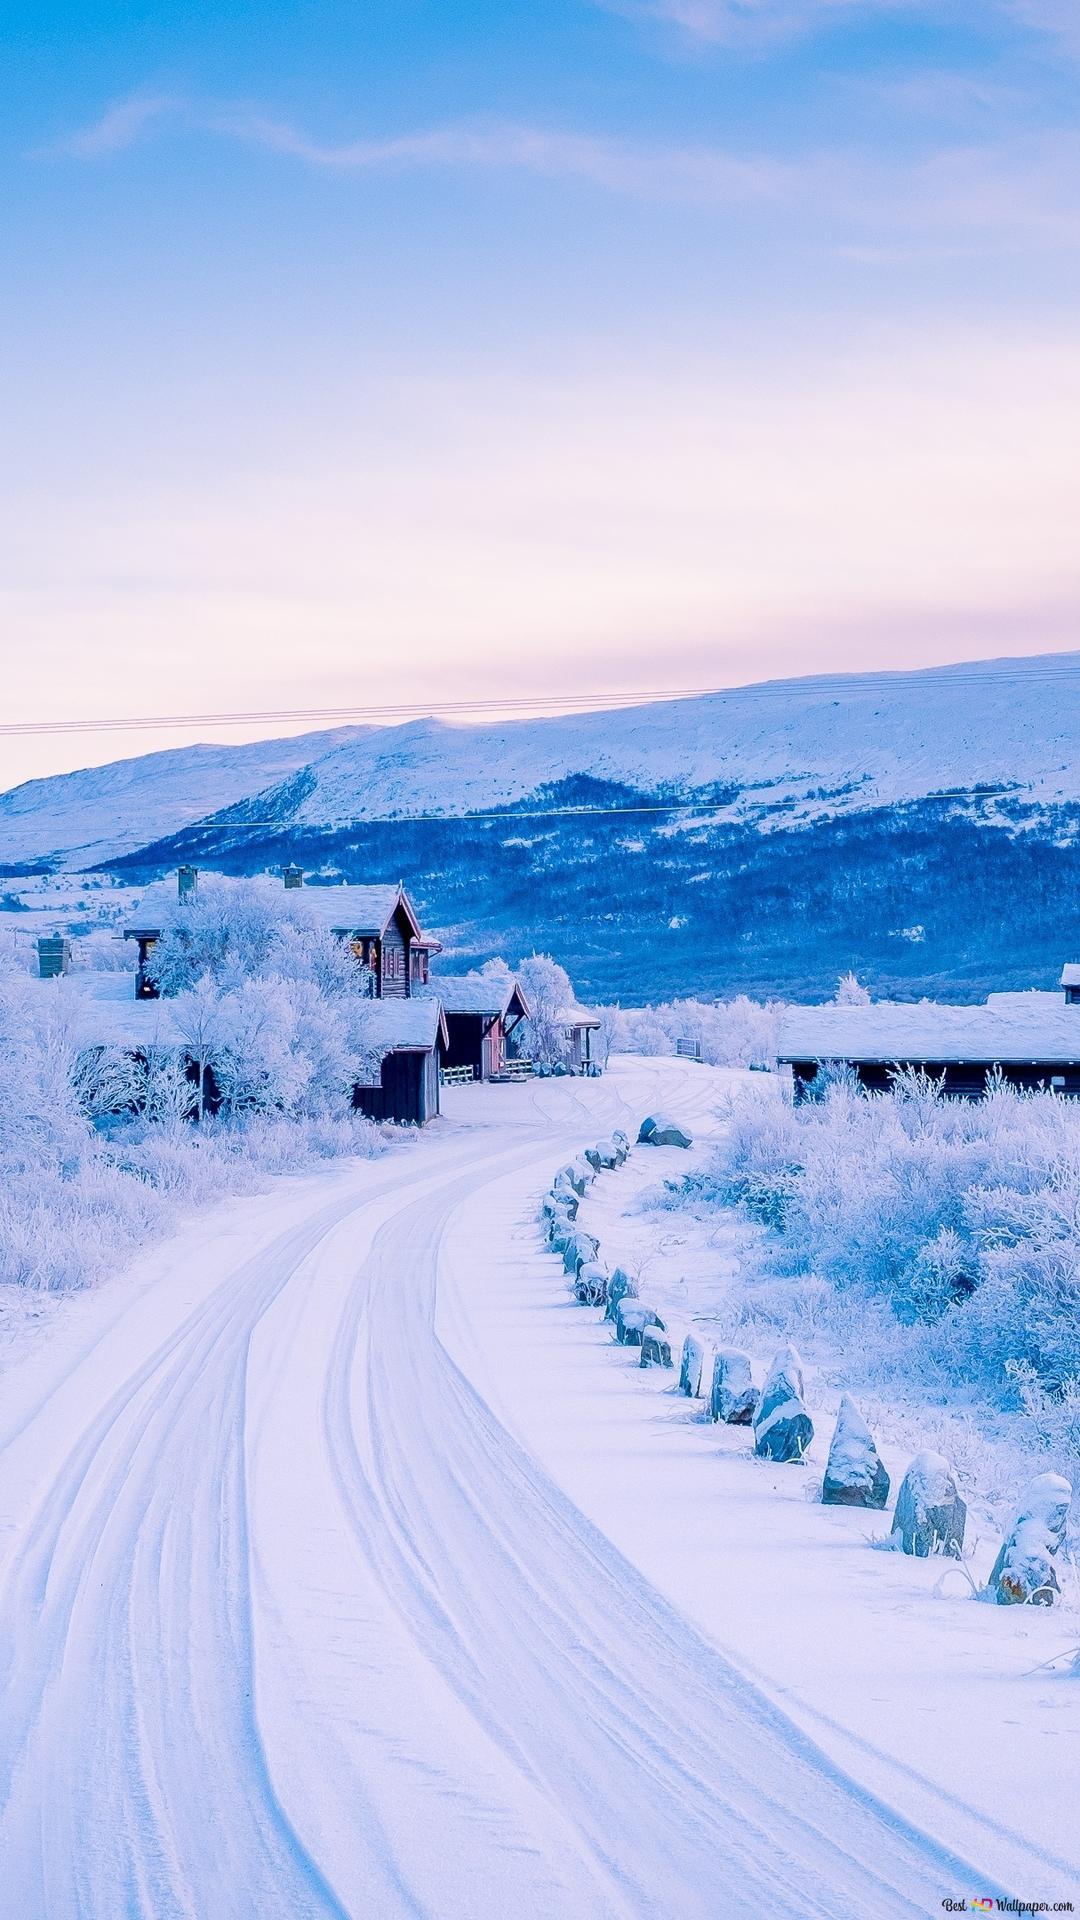 アメージング冬の風景ビュー Hd壁紙のダウンロード